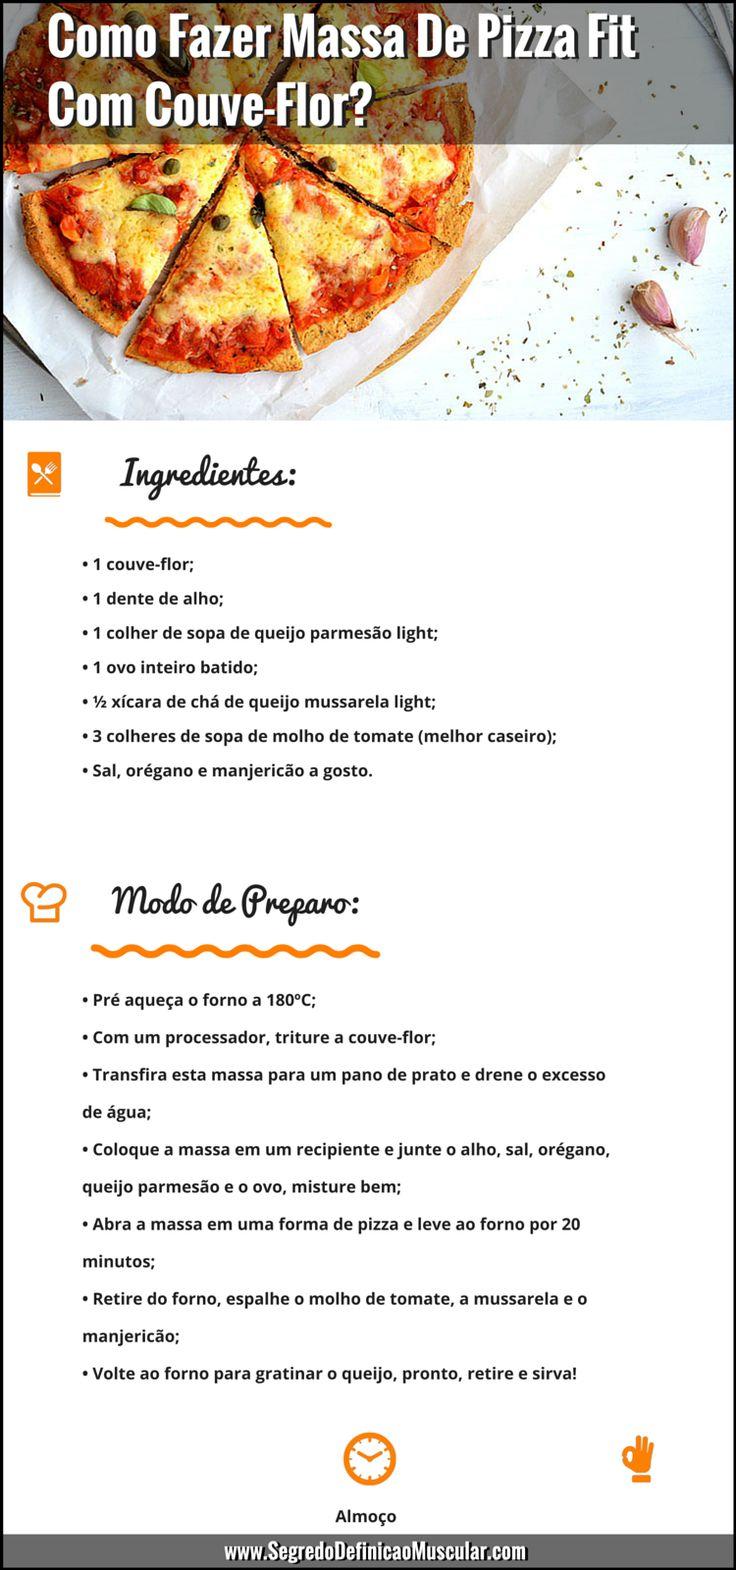 Receita de Massa De Pizza Fit Com Couve-Flor ➡ https://segredodefinicaomuscular.com/como-fazer-massa-de-pizza-fit-com-couve-flor/ Gostou? Compartilhe com seus amigos... #Receitasfit #ComoDefinirCorpo #SegredoDefiniçãoMuscular